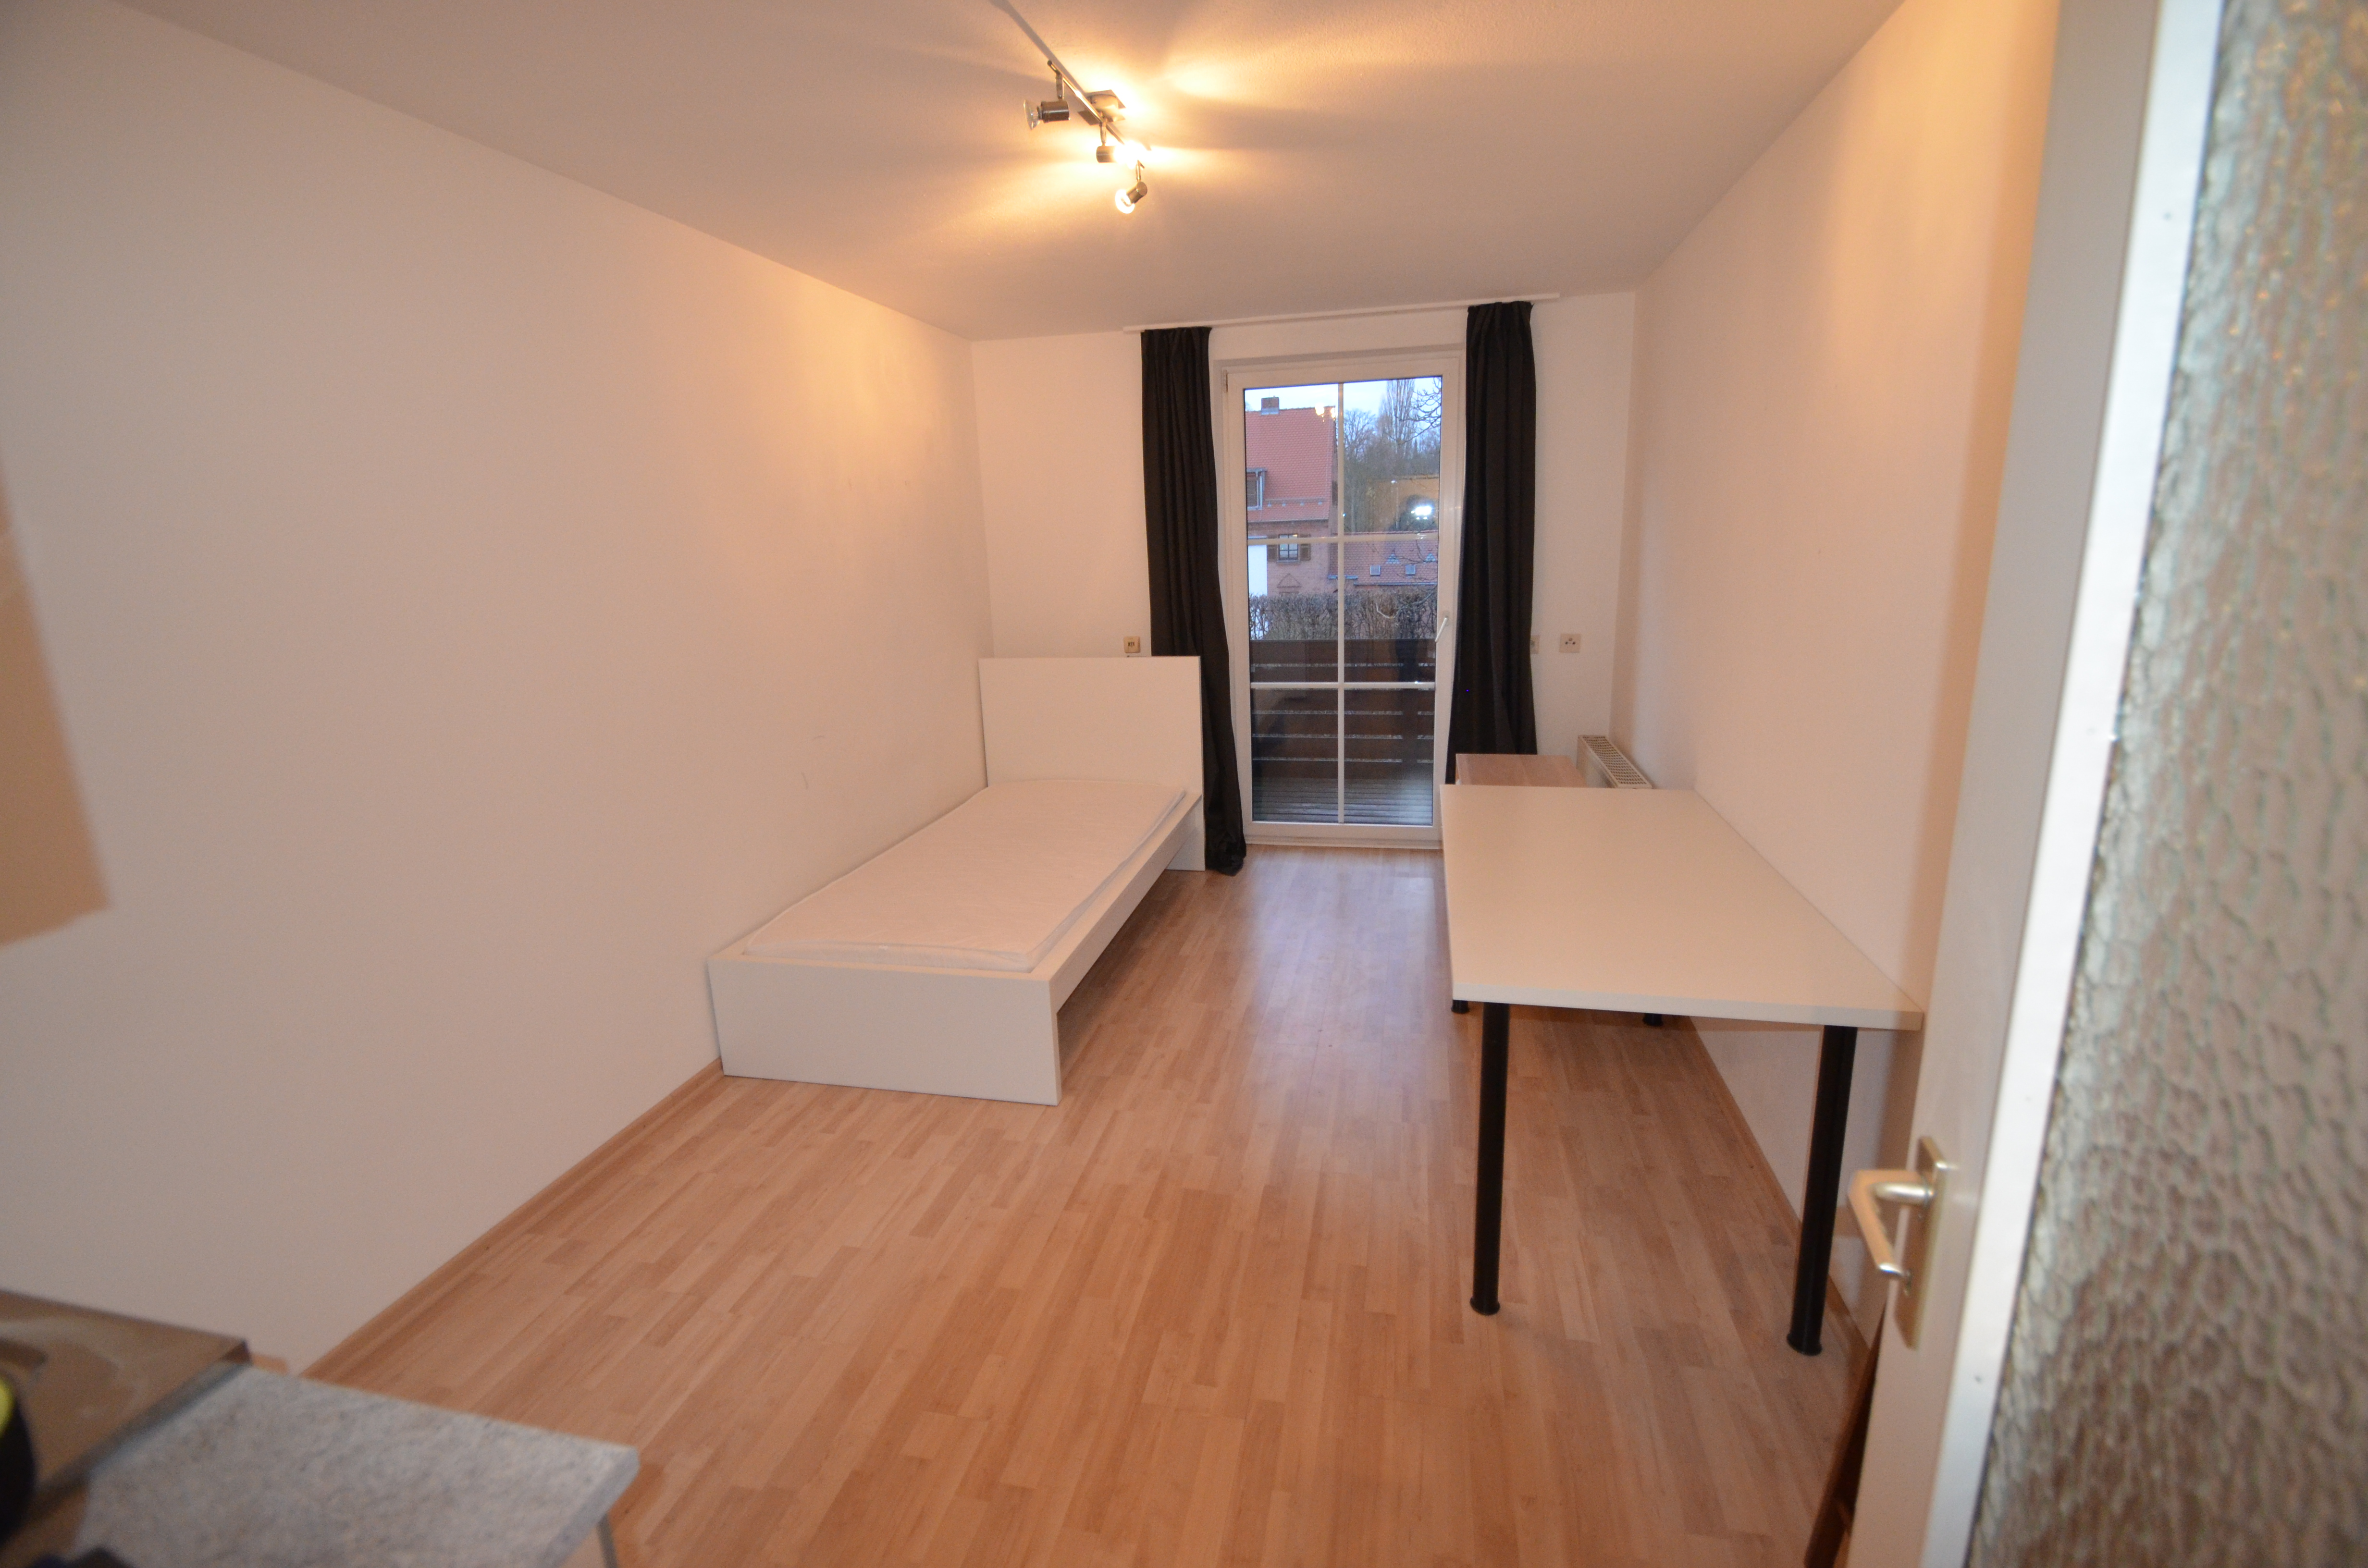 Schickes 1-Zimmer-Apartment mit großem Süd-/Westbalkon